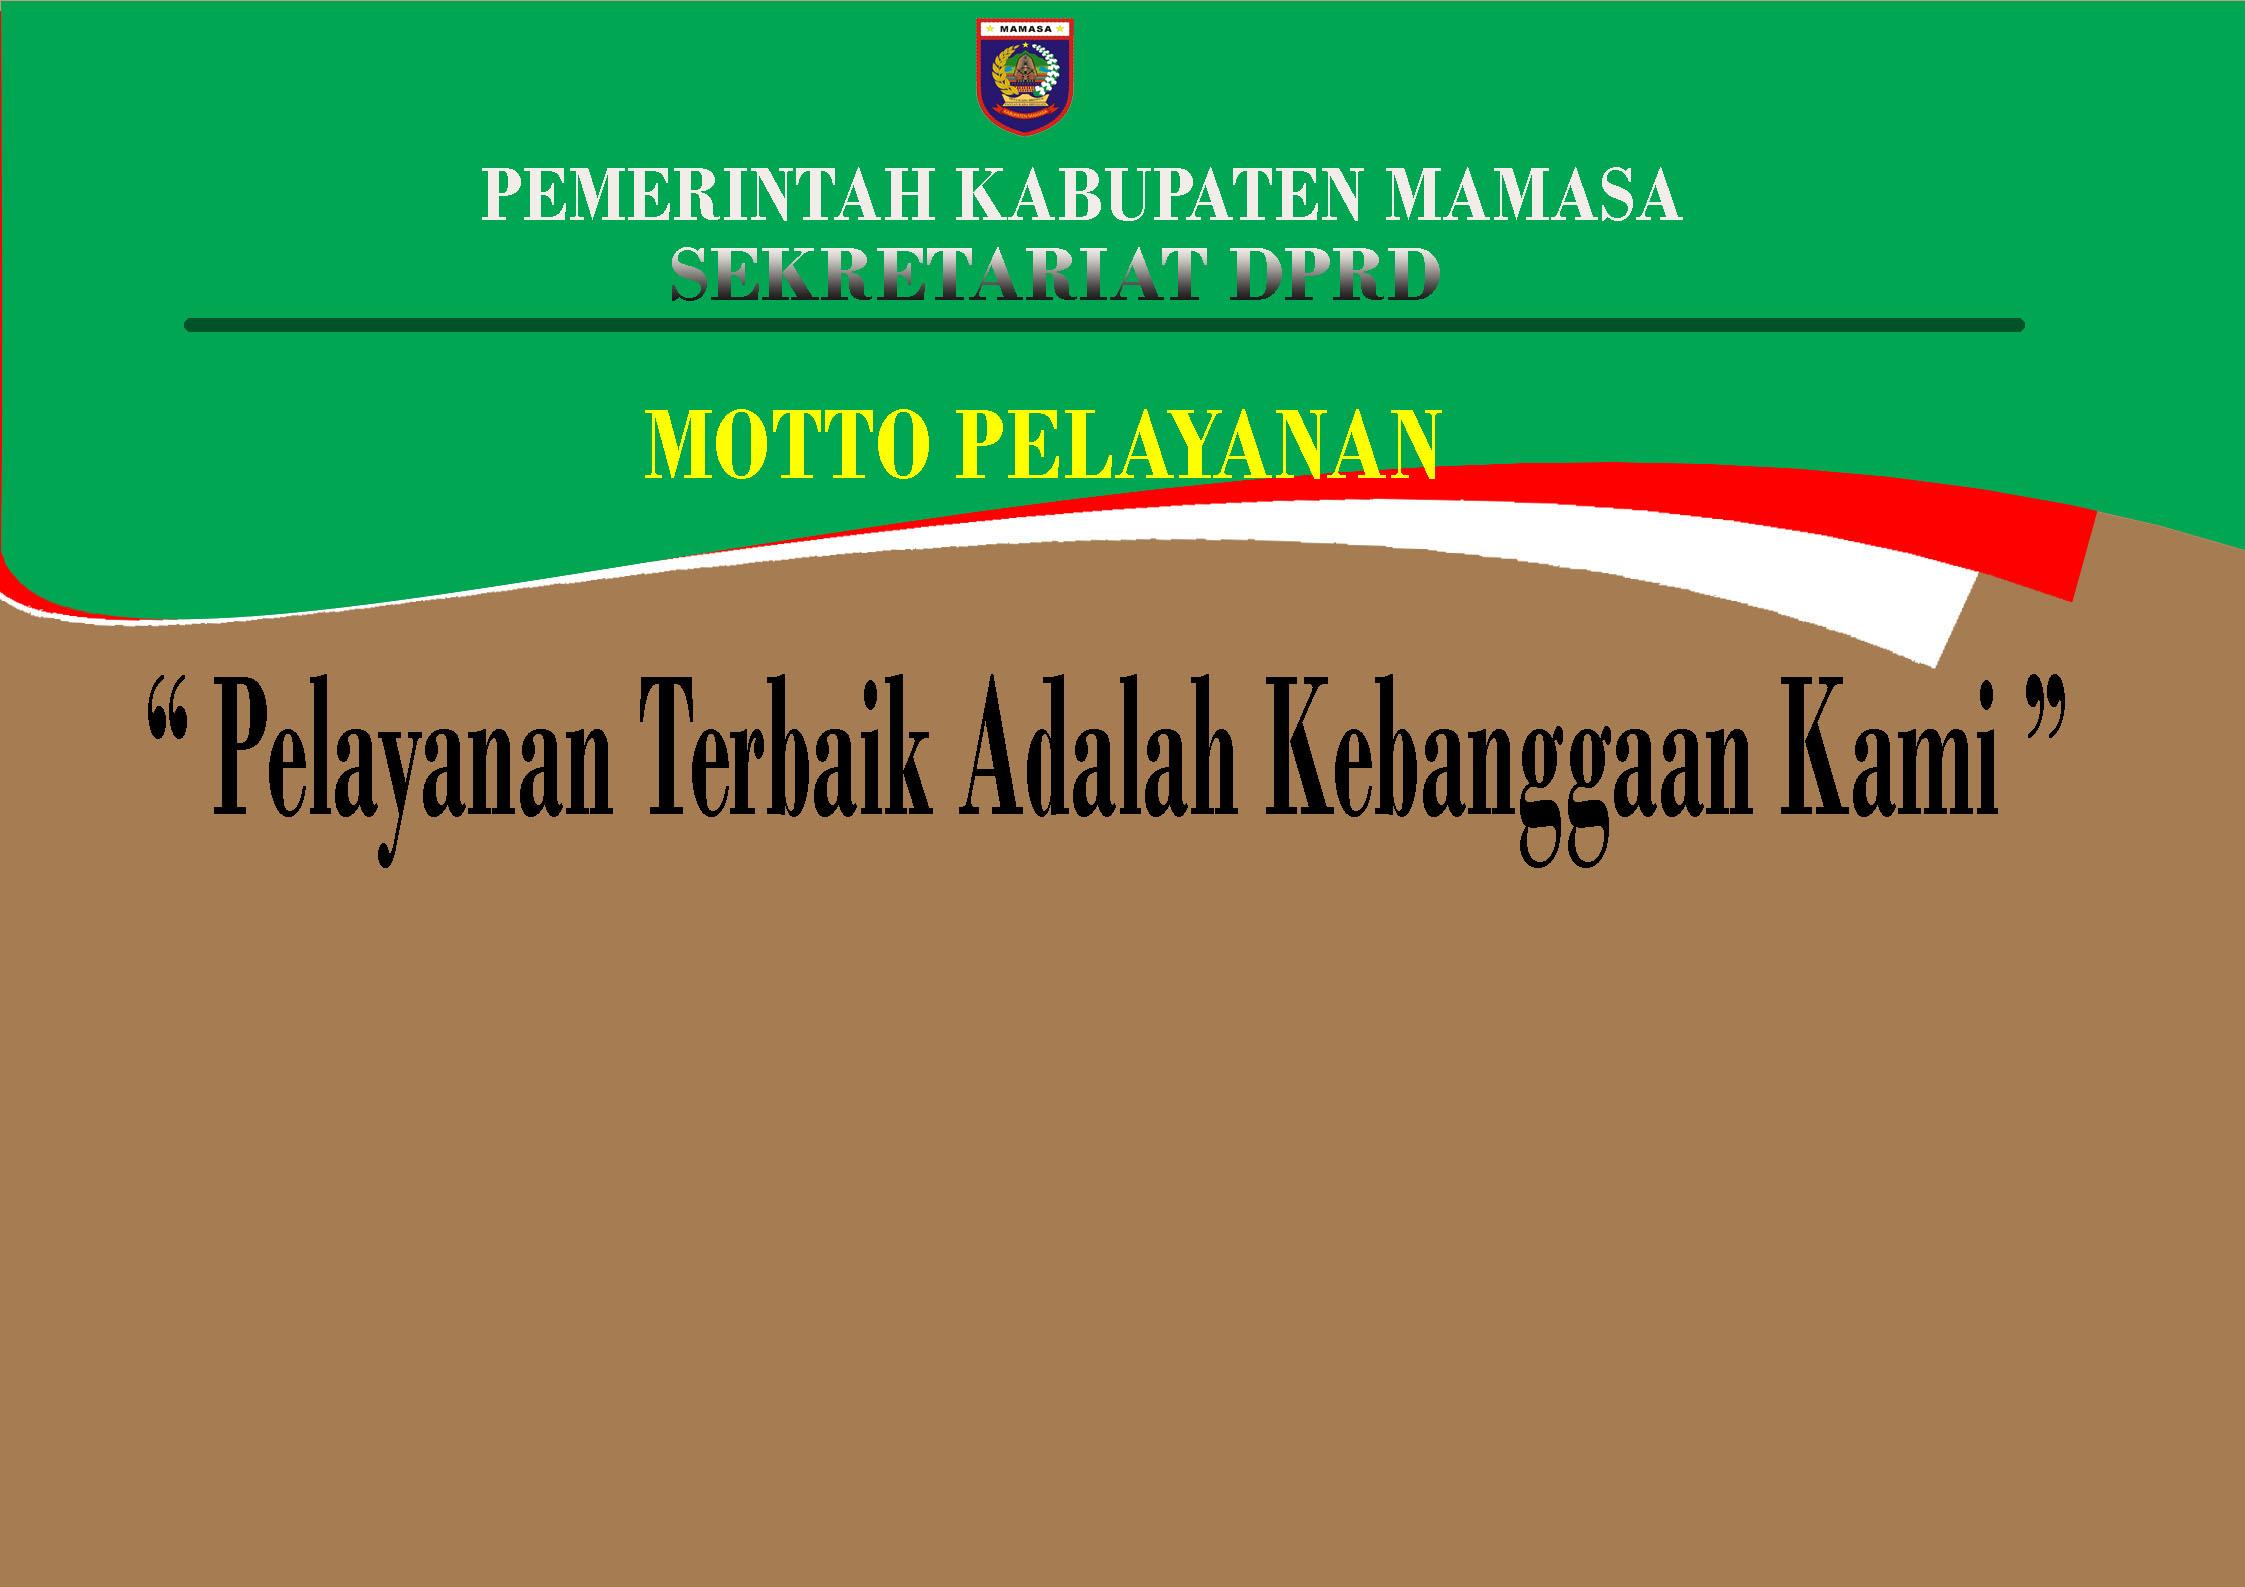 http://setwan.mamasakab.go.id/index_files/vlb_thumbnails1/MOTTO%20PELAYANAN.jpg